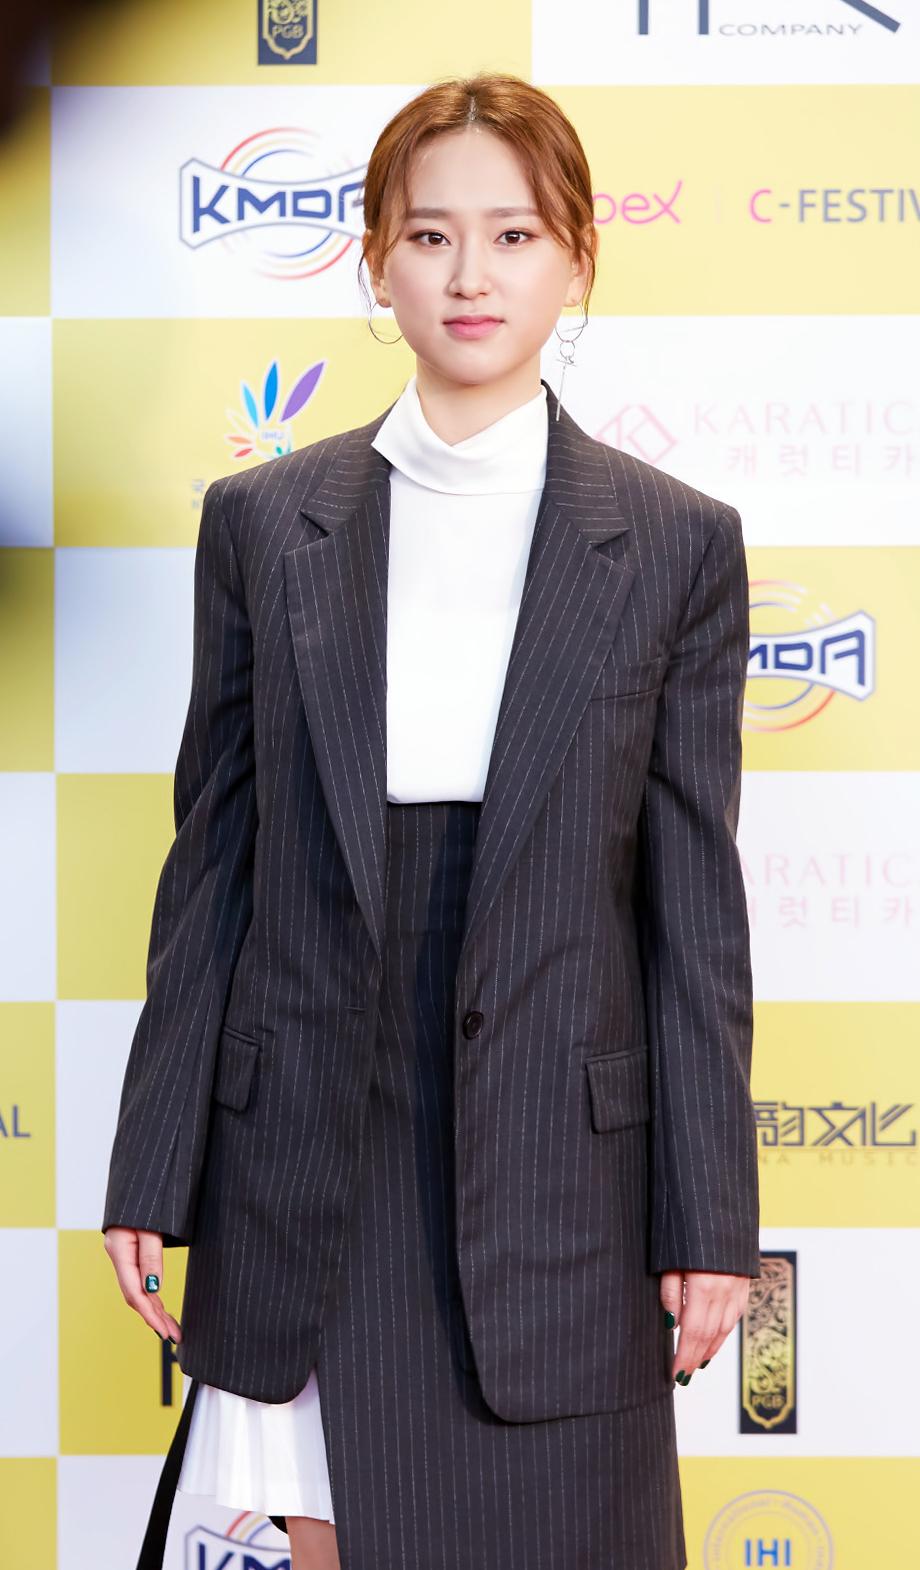 Ryu Hye-young - Wikipedia